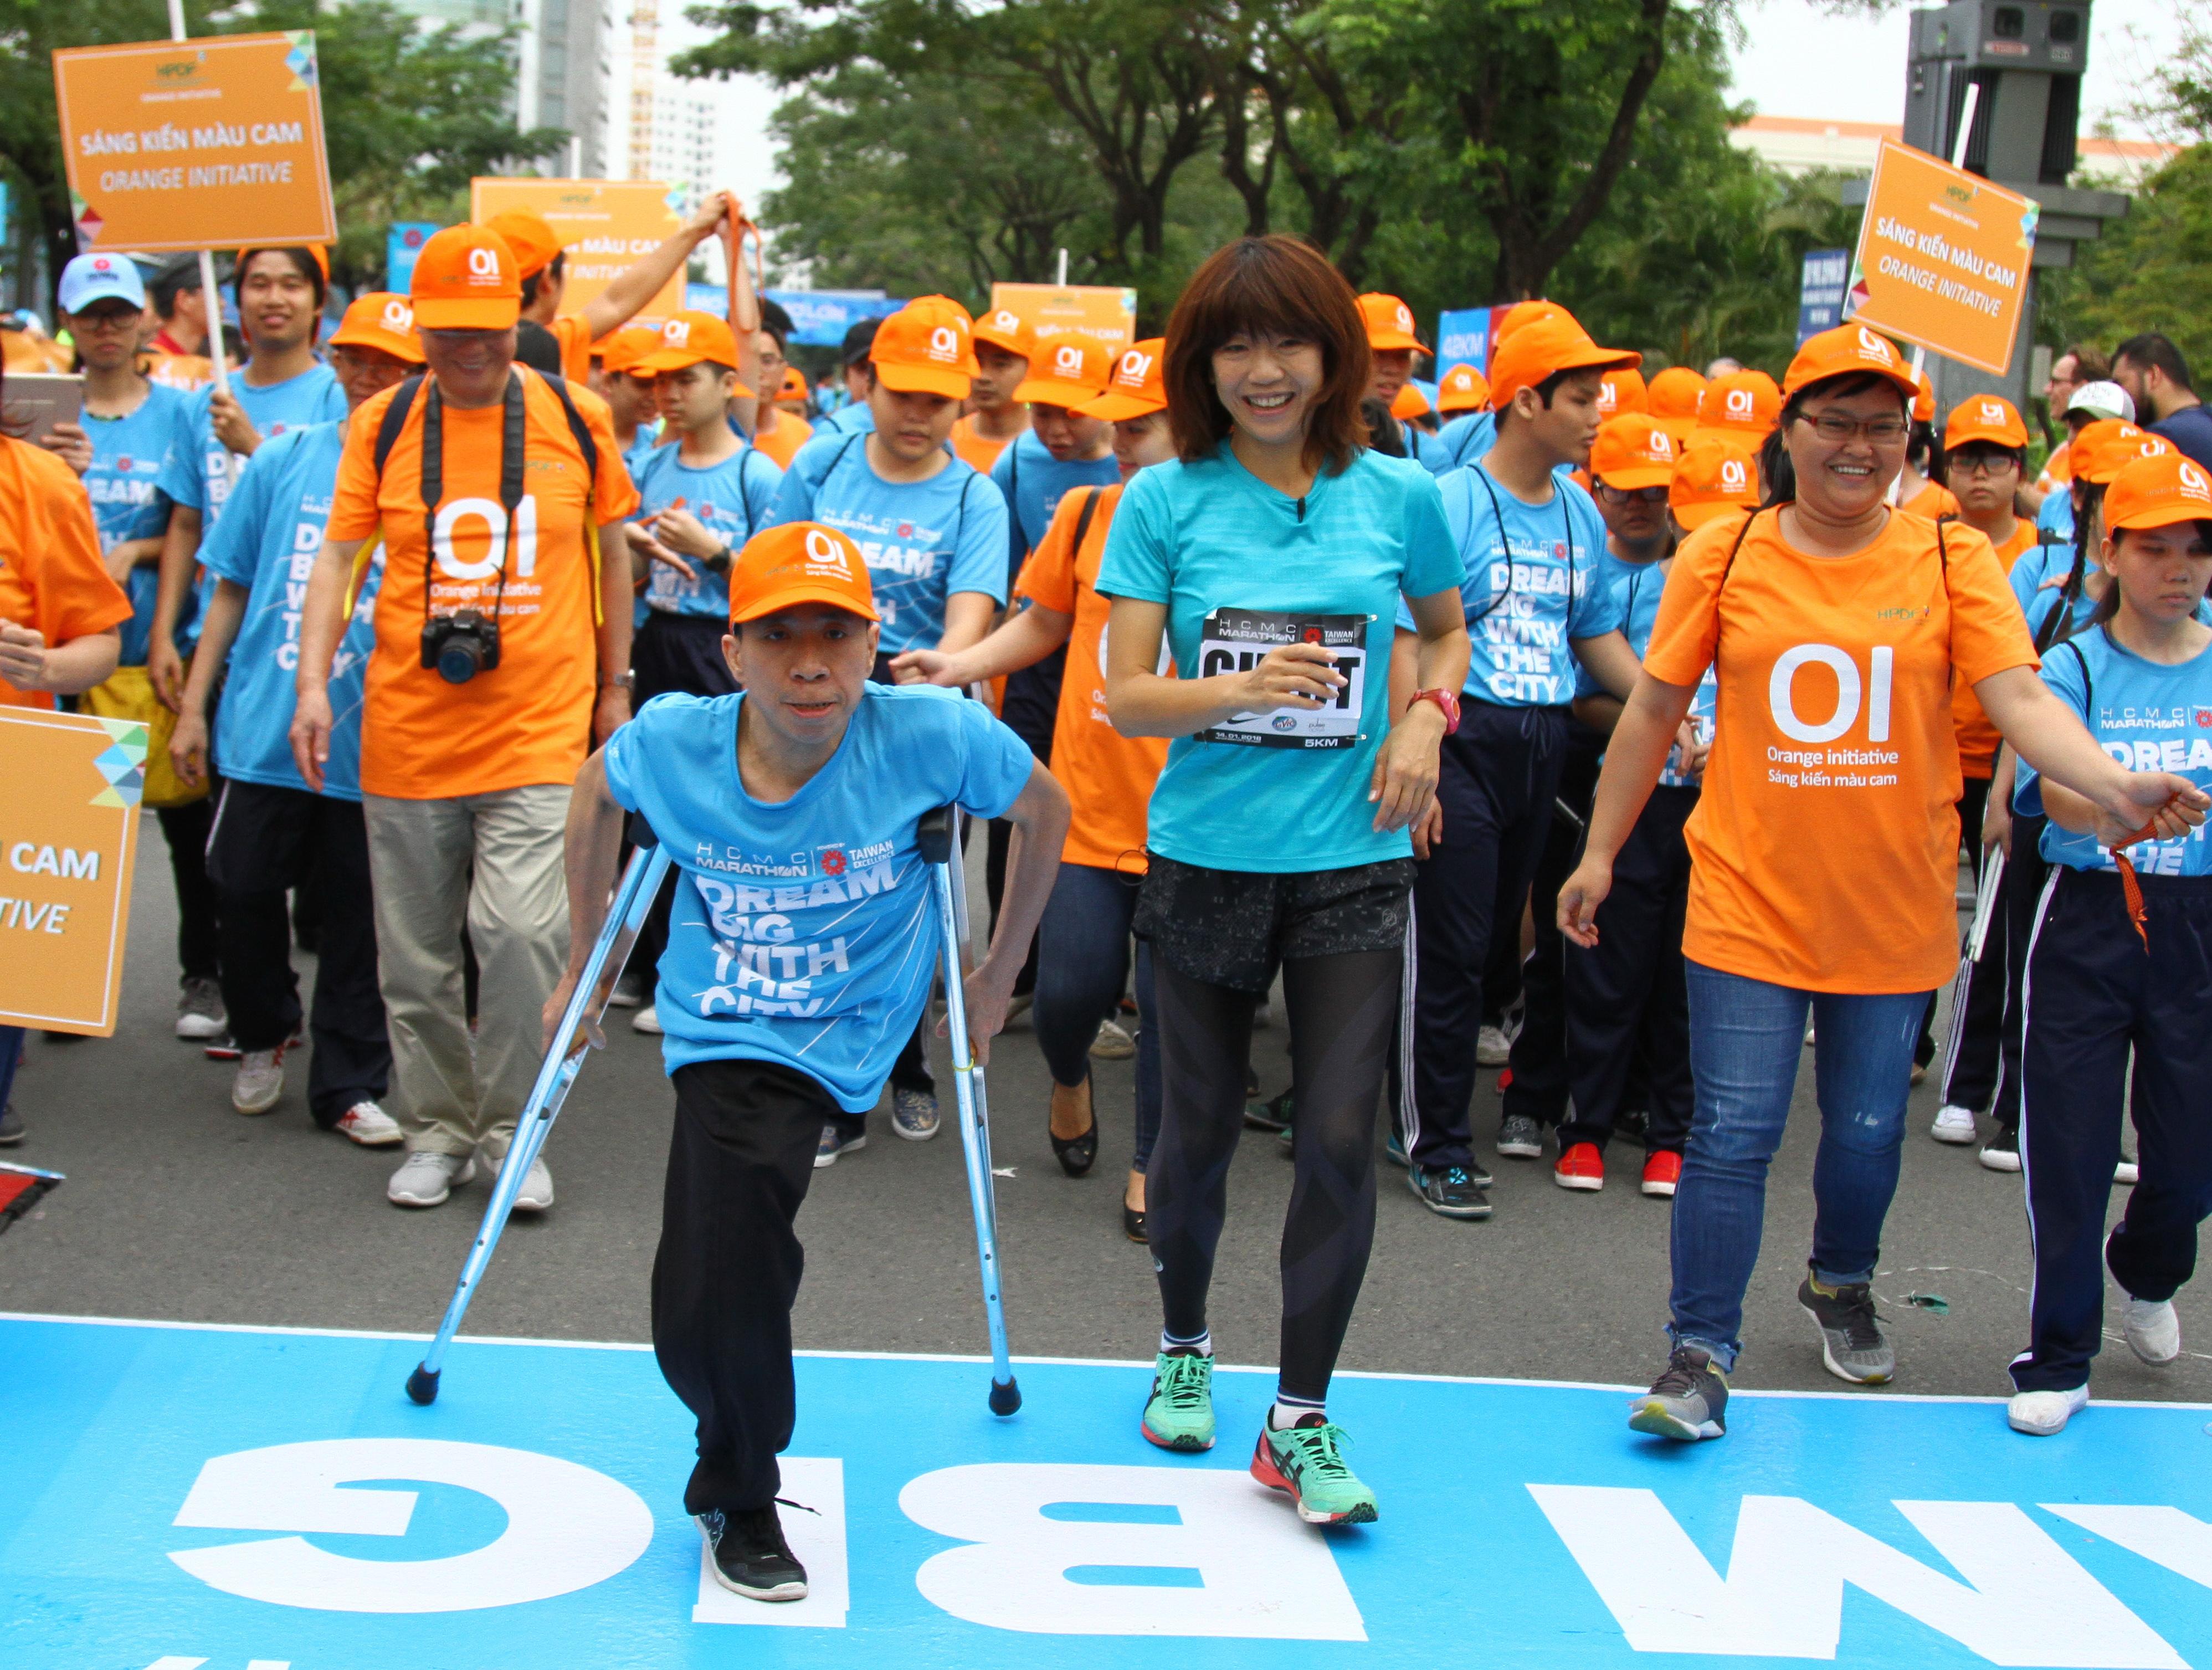 Bà Naoko Takahashi và anh Nguyễn Đức mở màn cho cự ly 5km ở giải Ảnh: T.P.